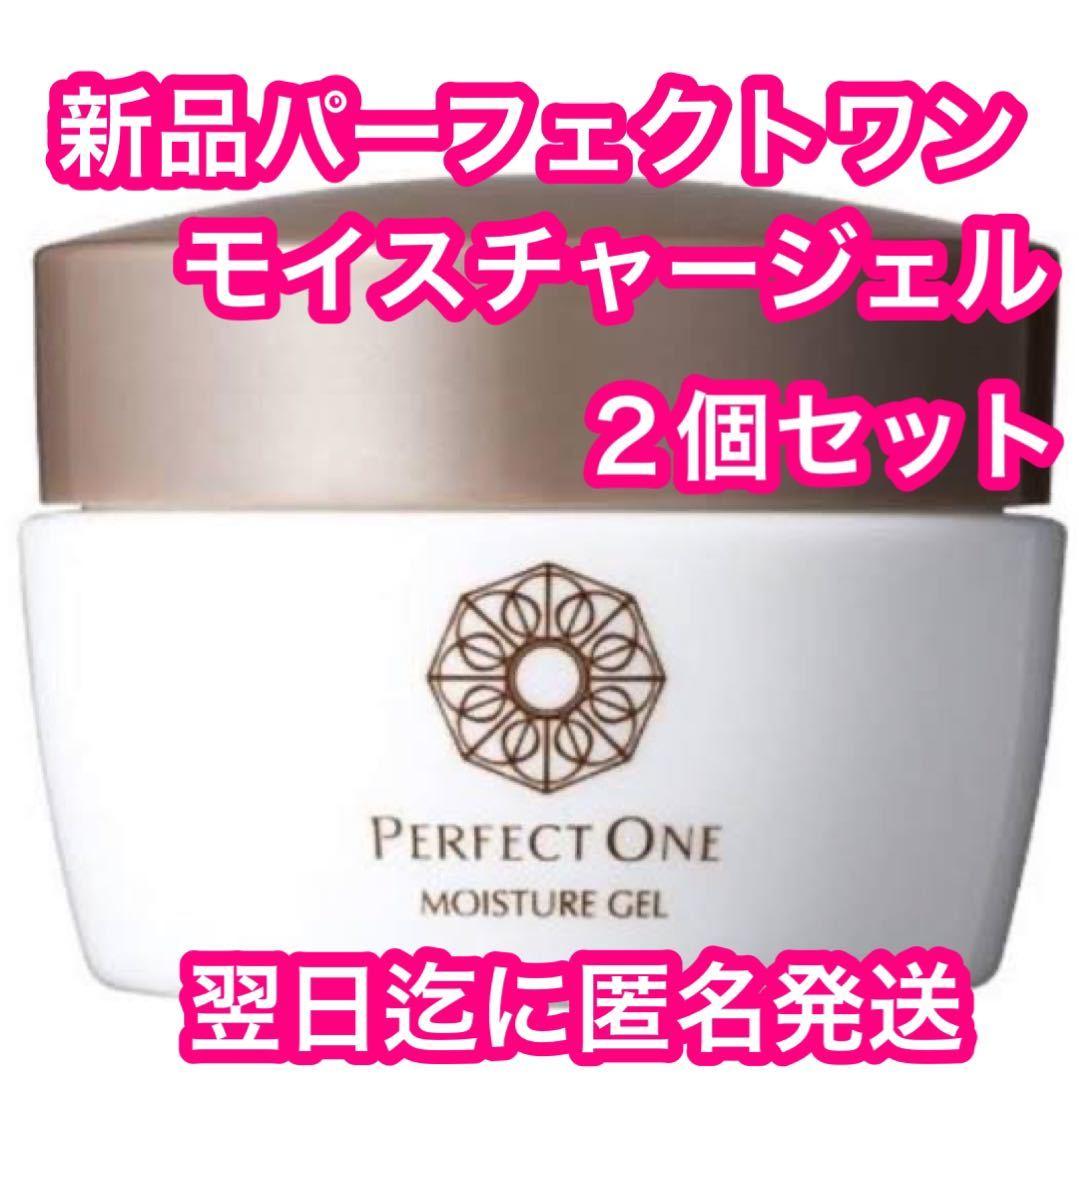 ★新品 パーフェクトワン モイスチャージェル 75g 2個セット 新日本製薬